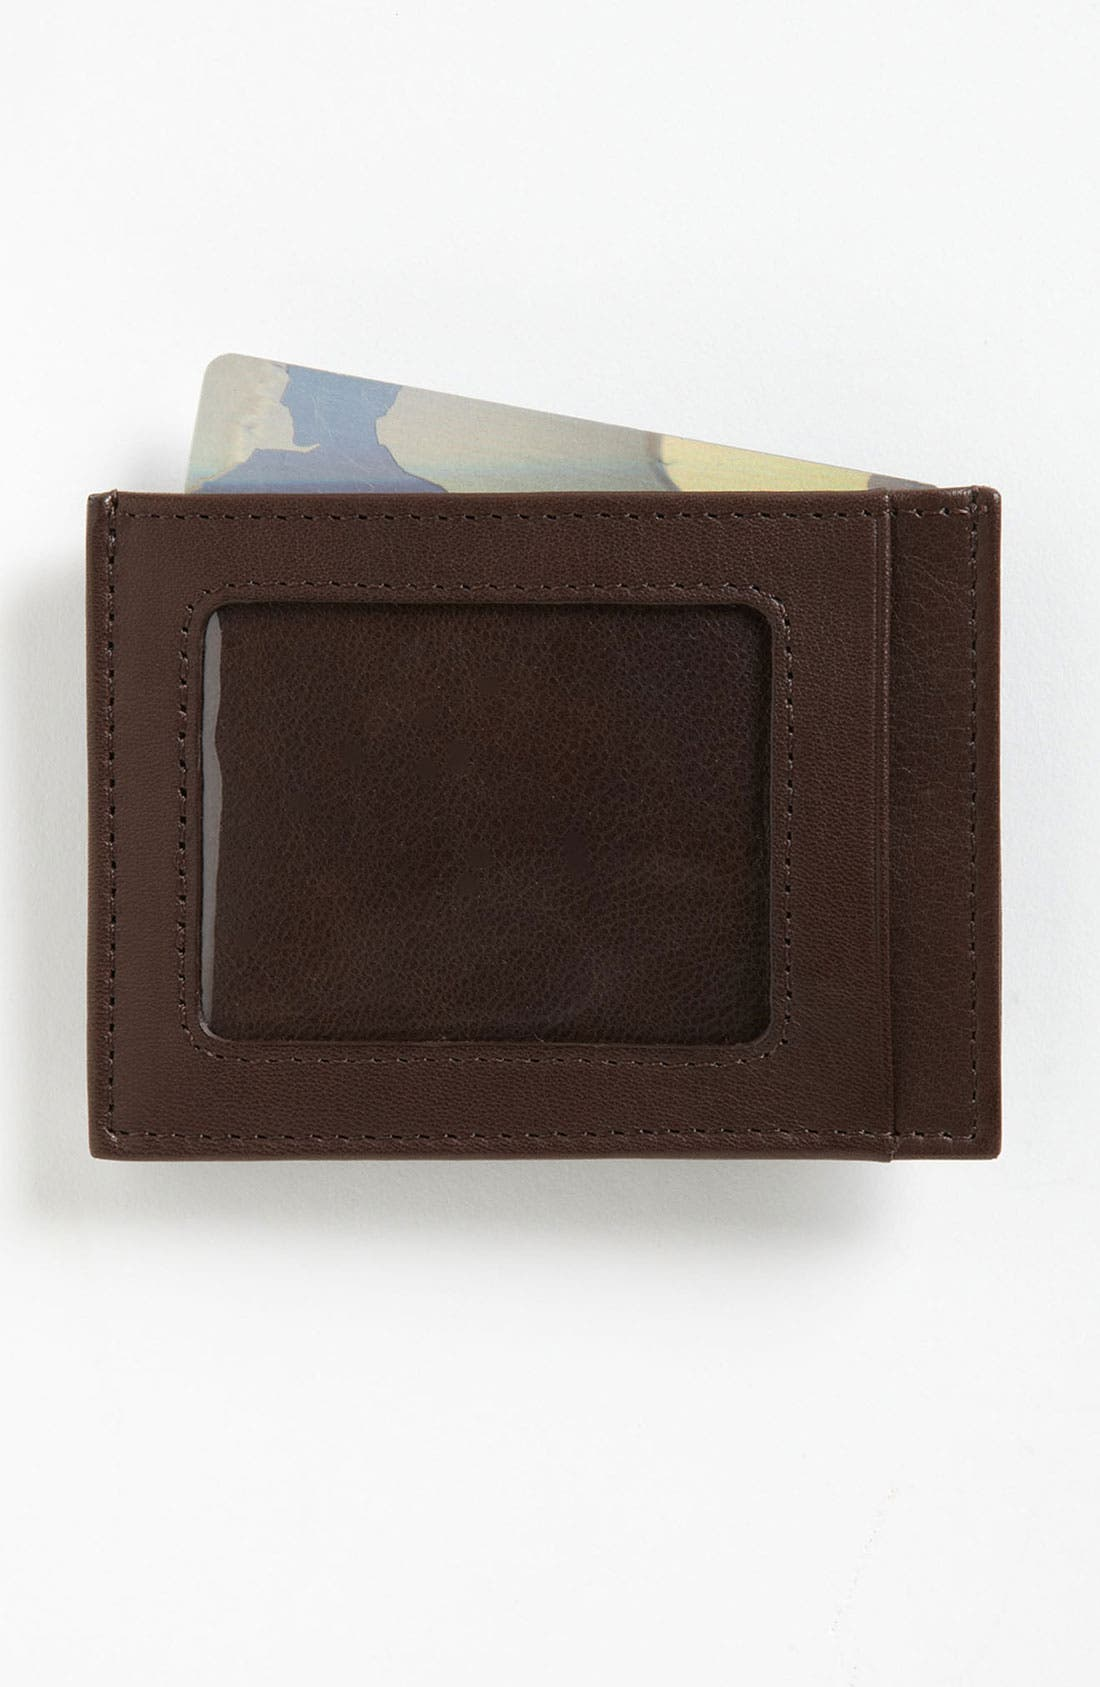 Alternate Image 1 Selected - Trafalgar 'Alicante' Money Clip Wallet